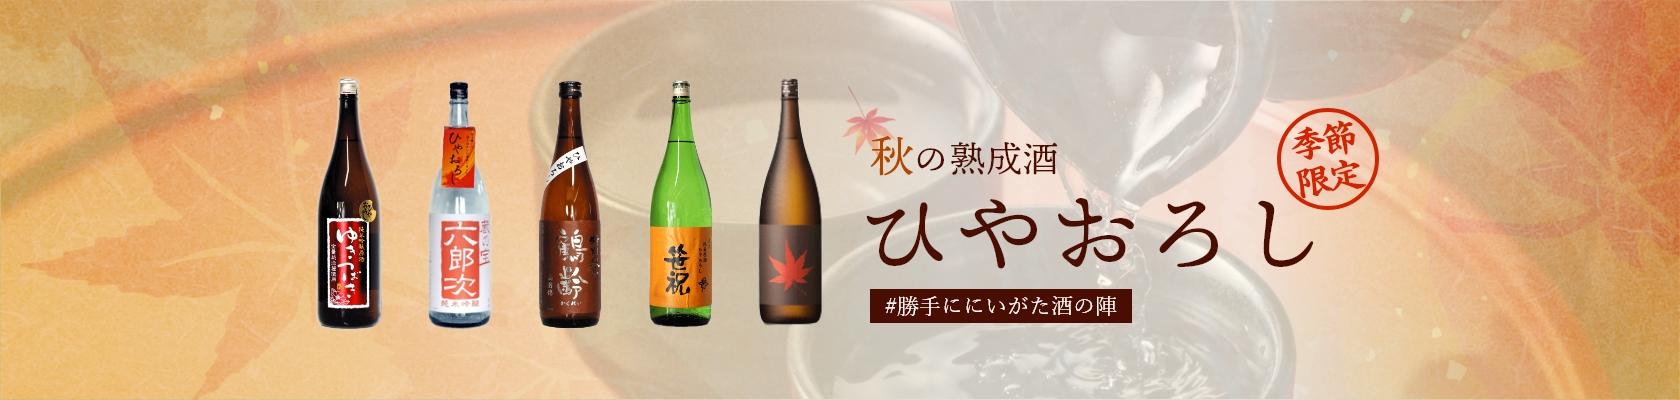 秋の熟成酒ひやおろし